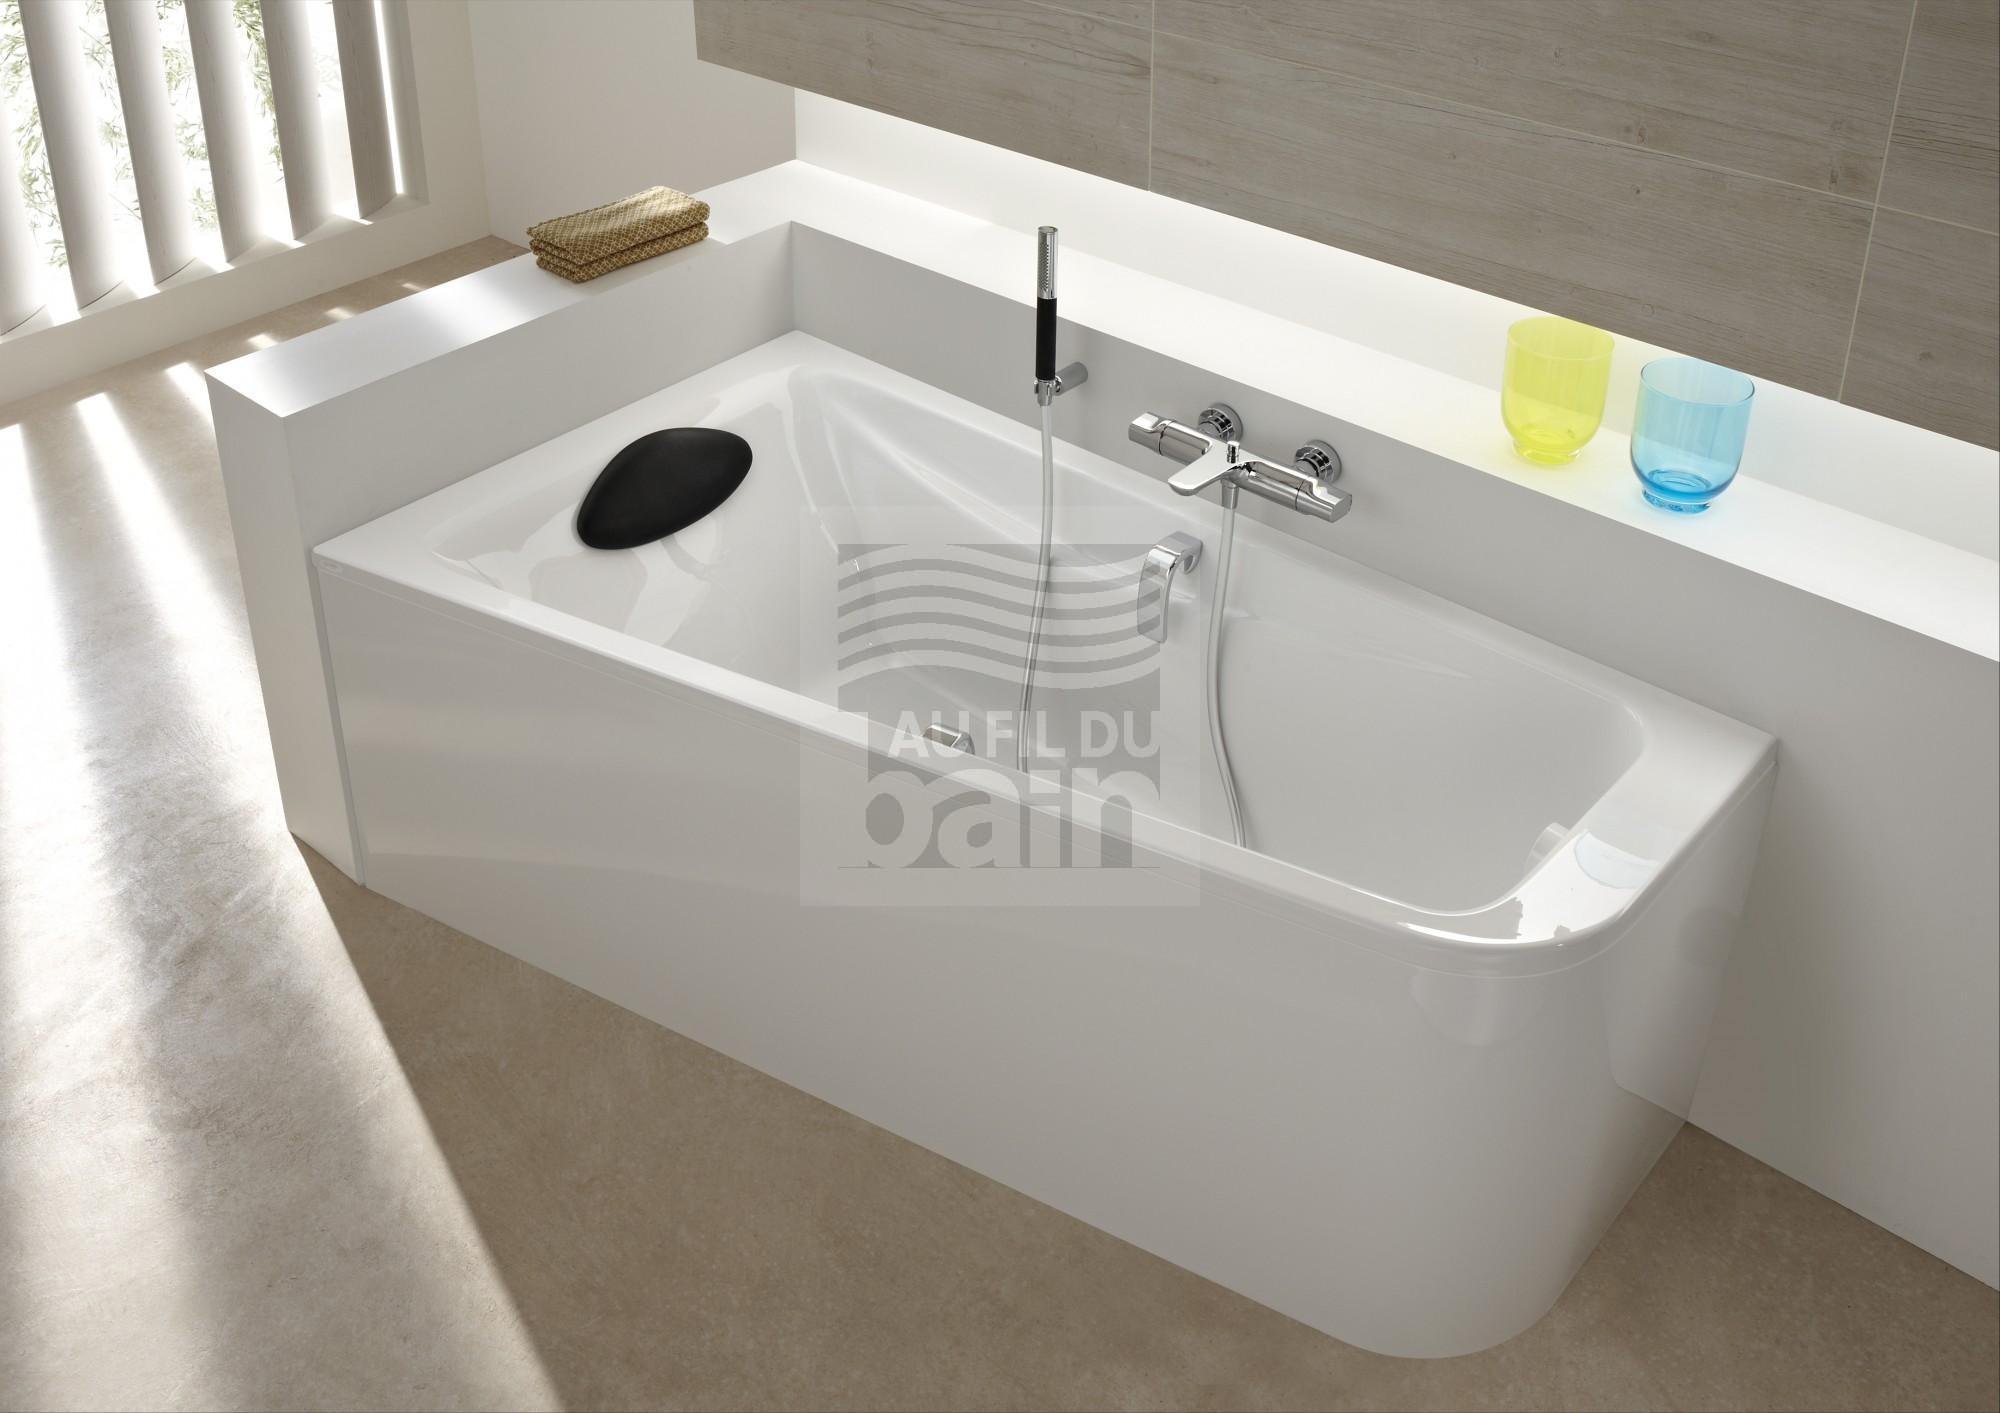 Baignoires acrylique asymetriques avec tablier magasin pour vente de meubles de salle de bains - Magasin salle de bain barentin ...